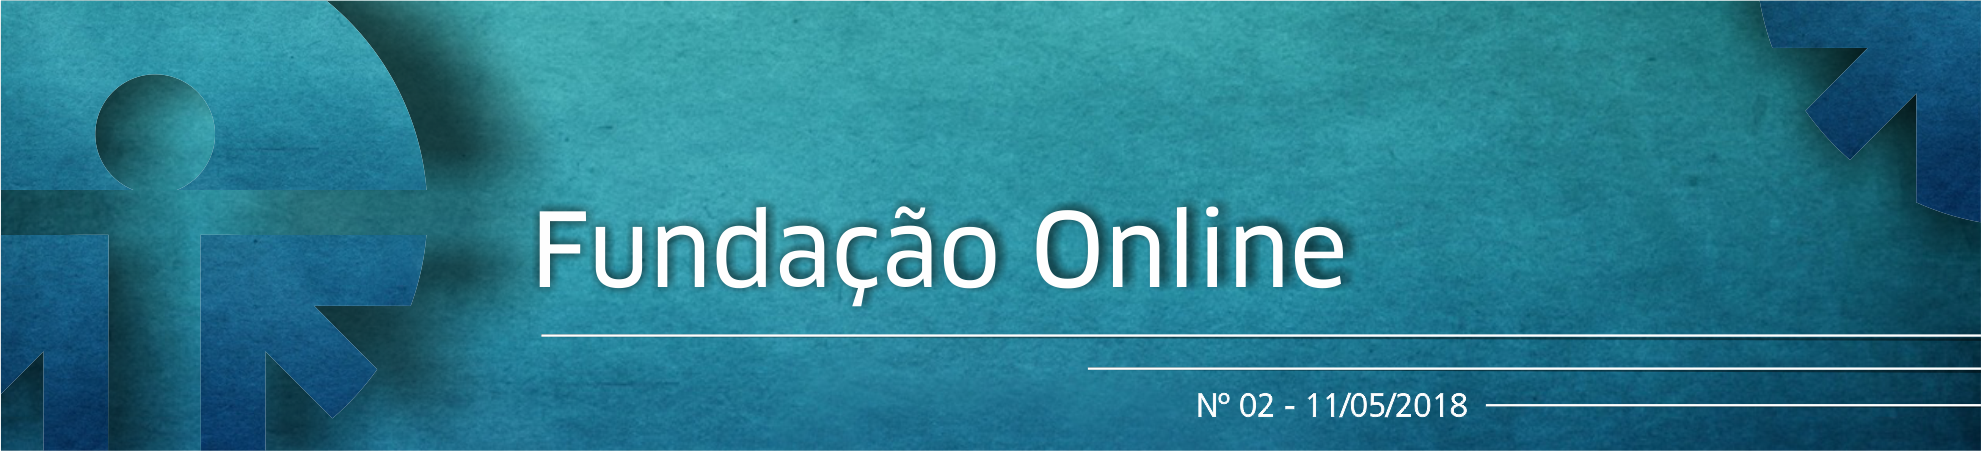 cabecalho_online_02